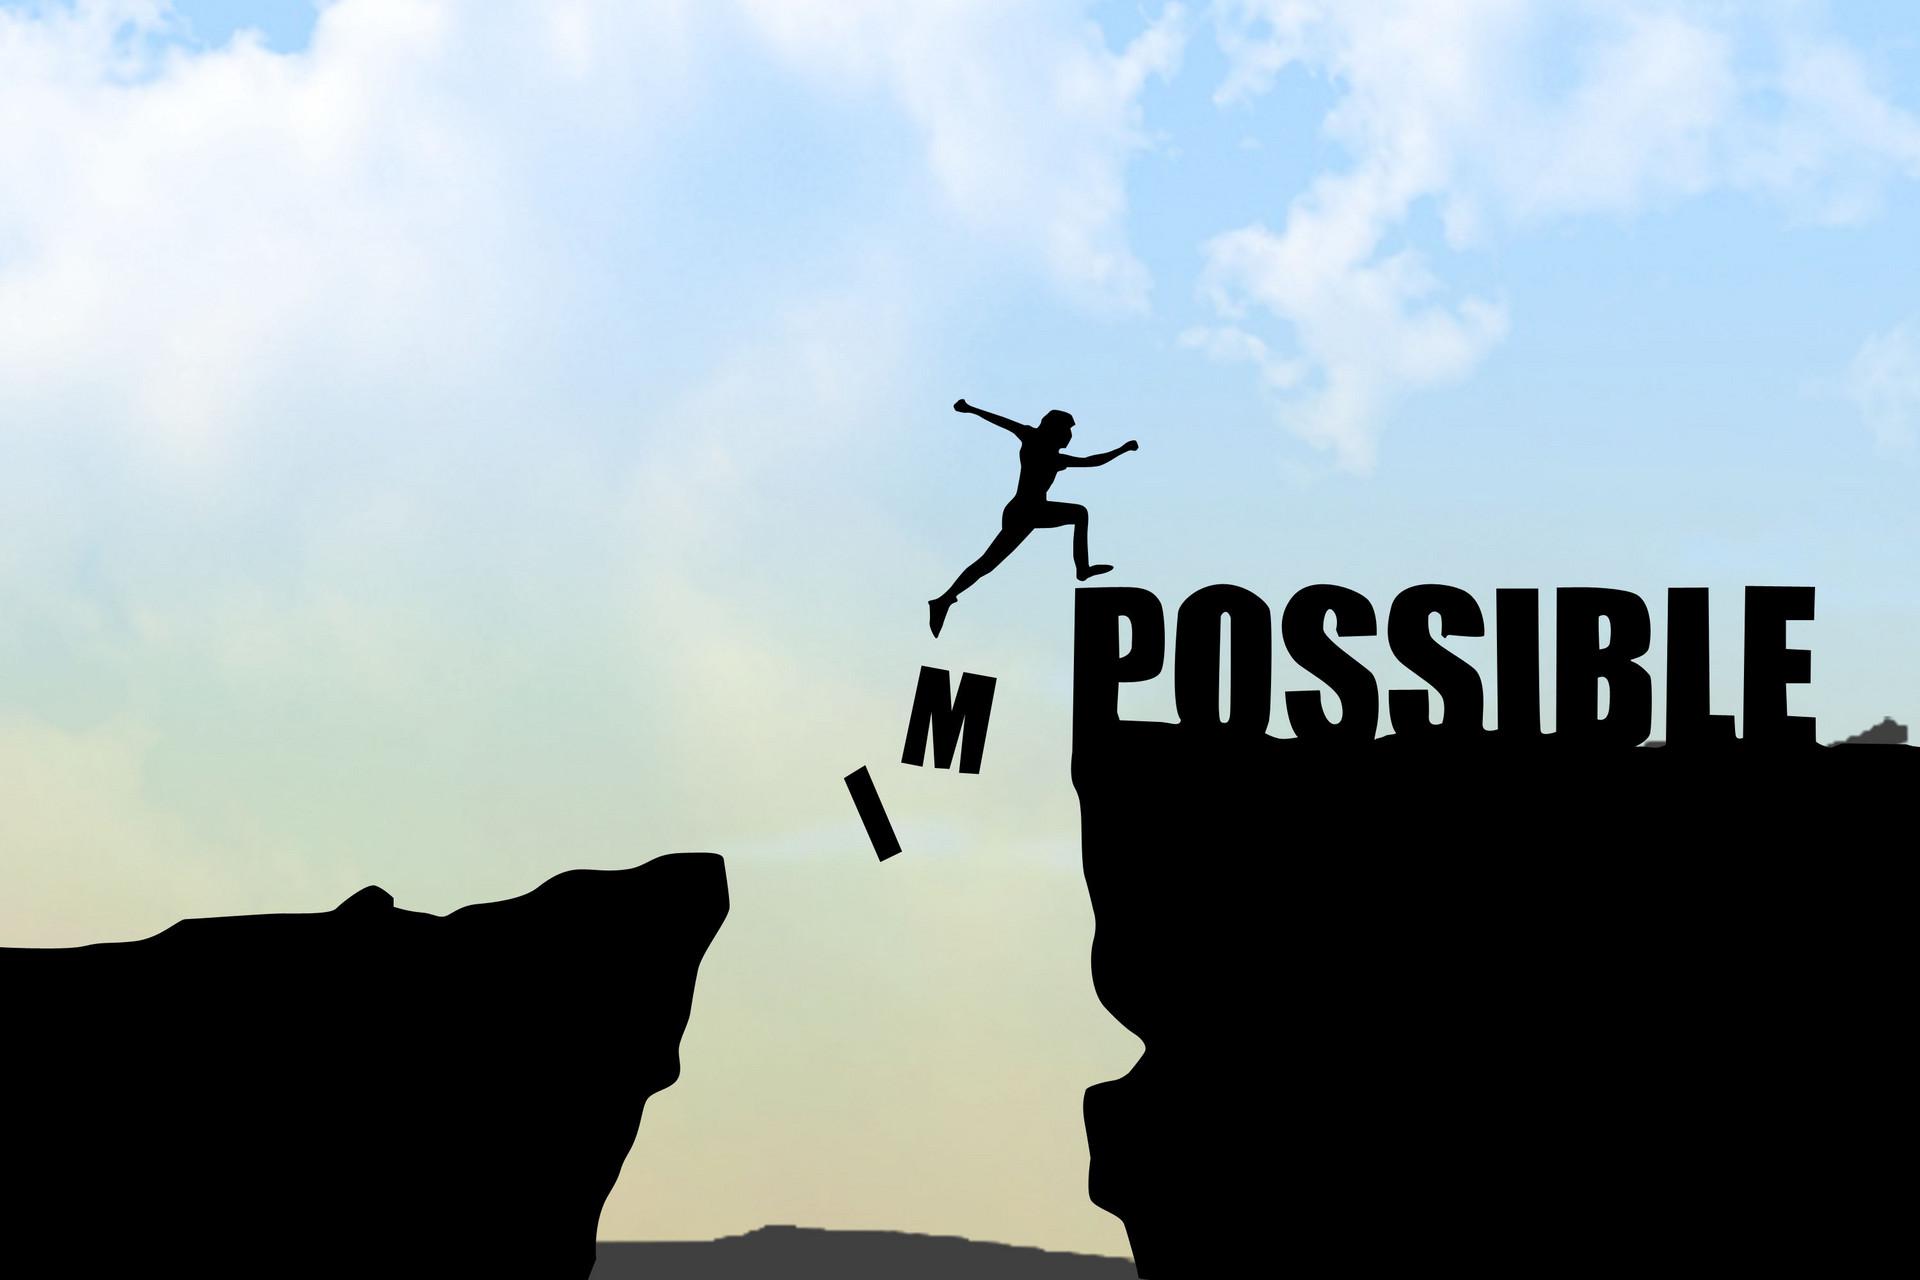 比能力更能决定人生的,是你对工作的态度